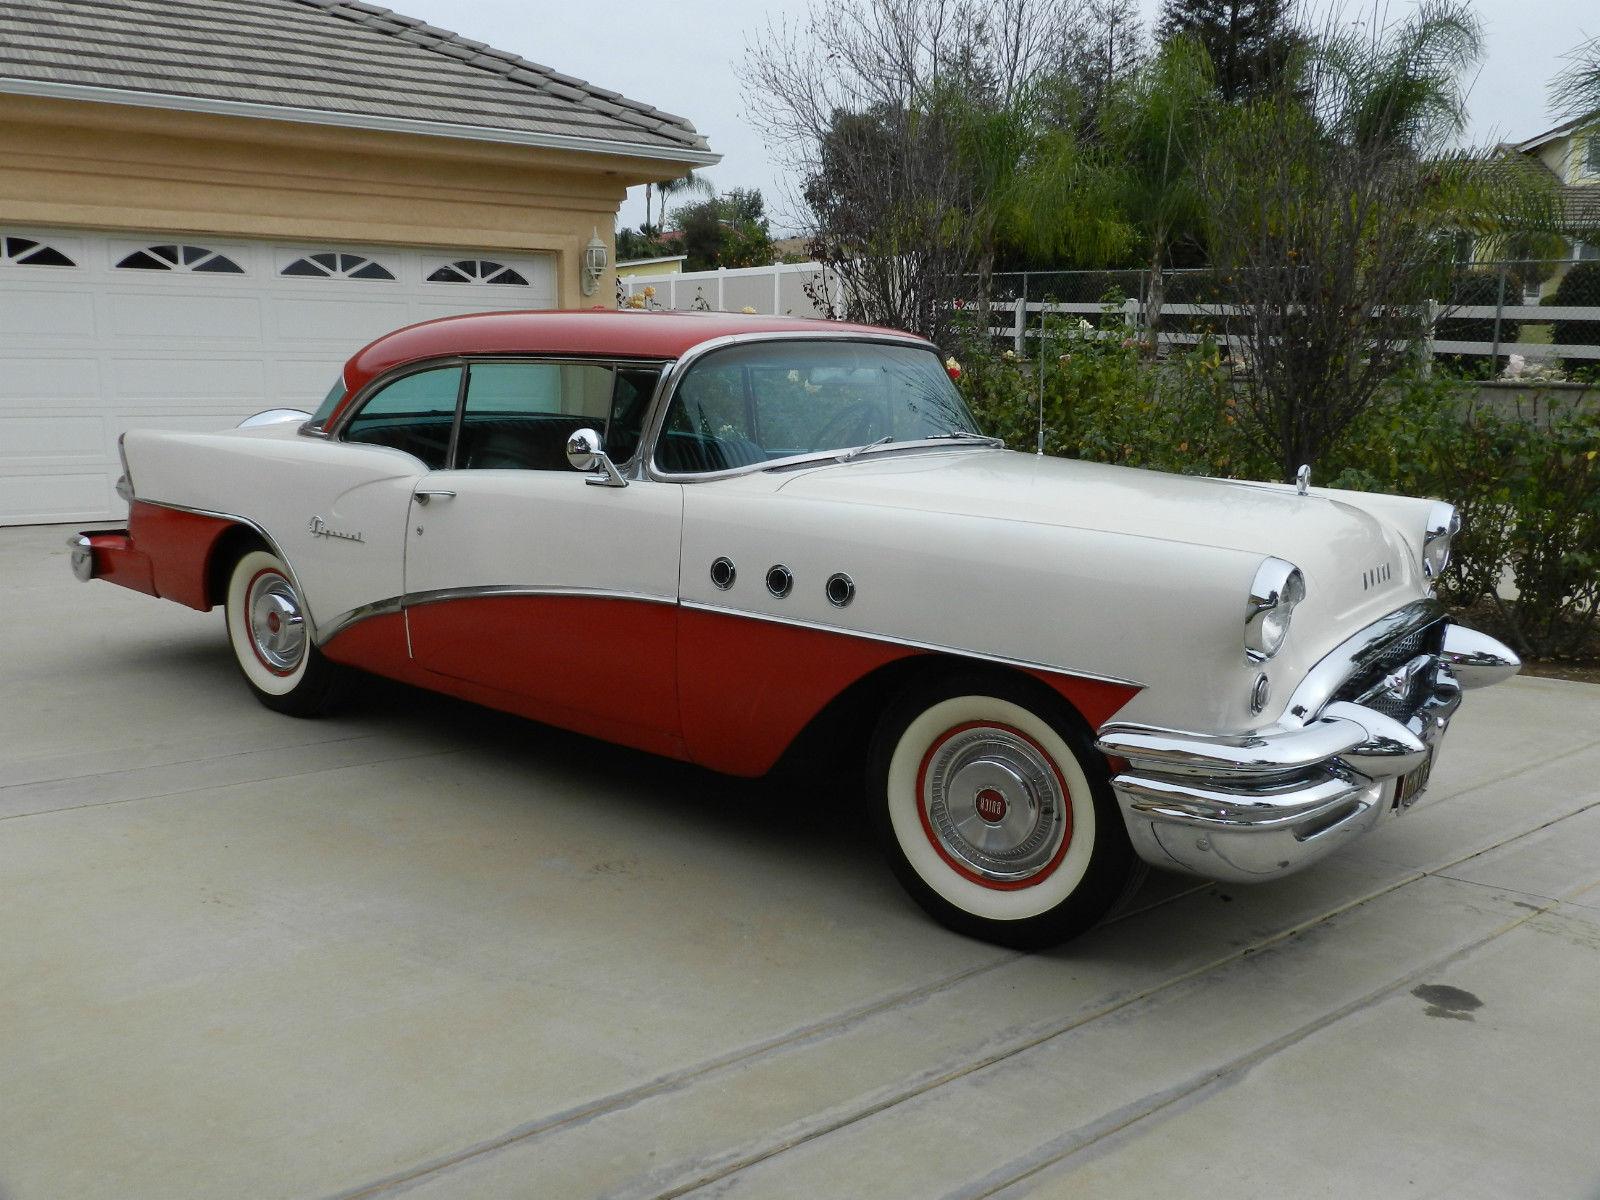 1955 Buick Special 2 Door Hardtop, Nice